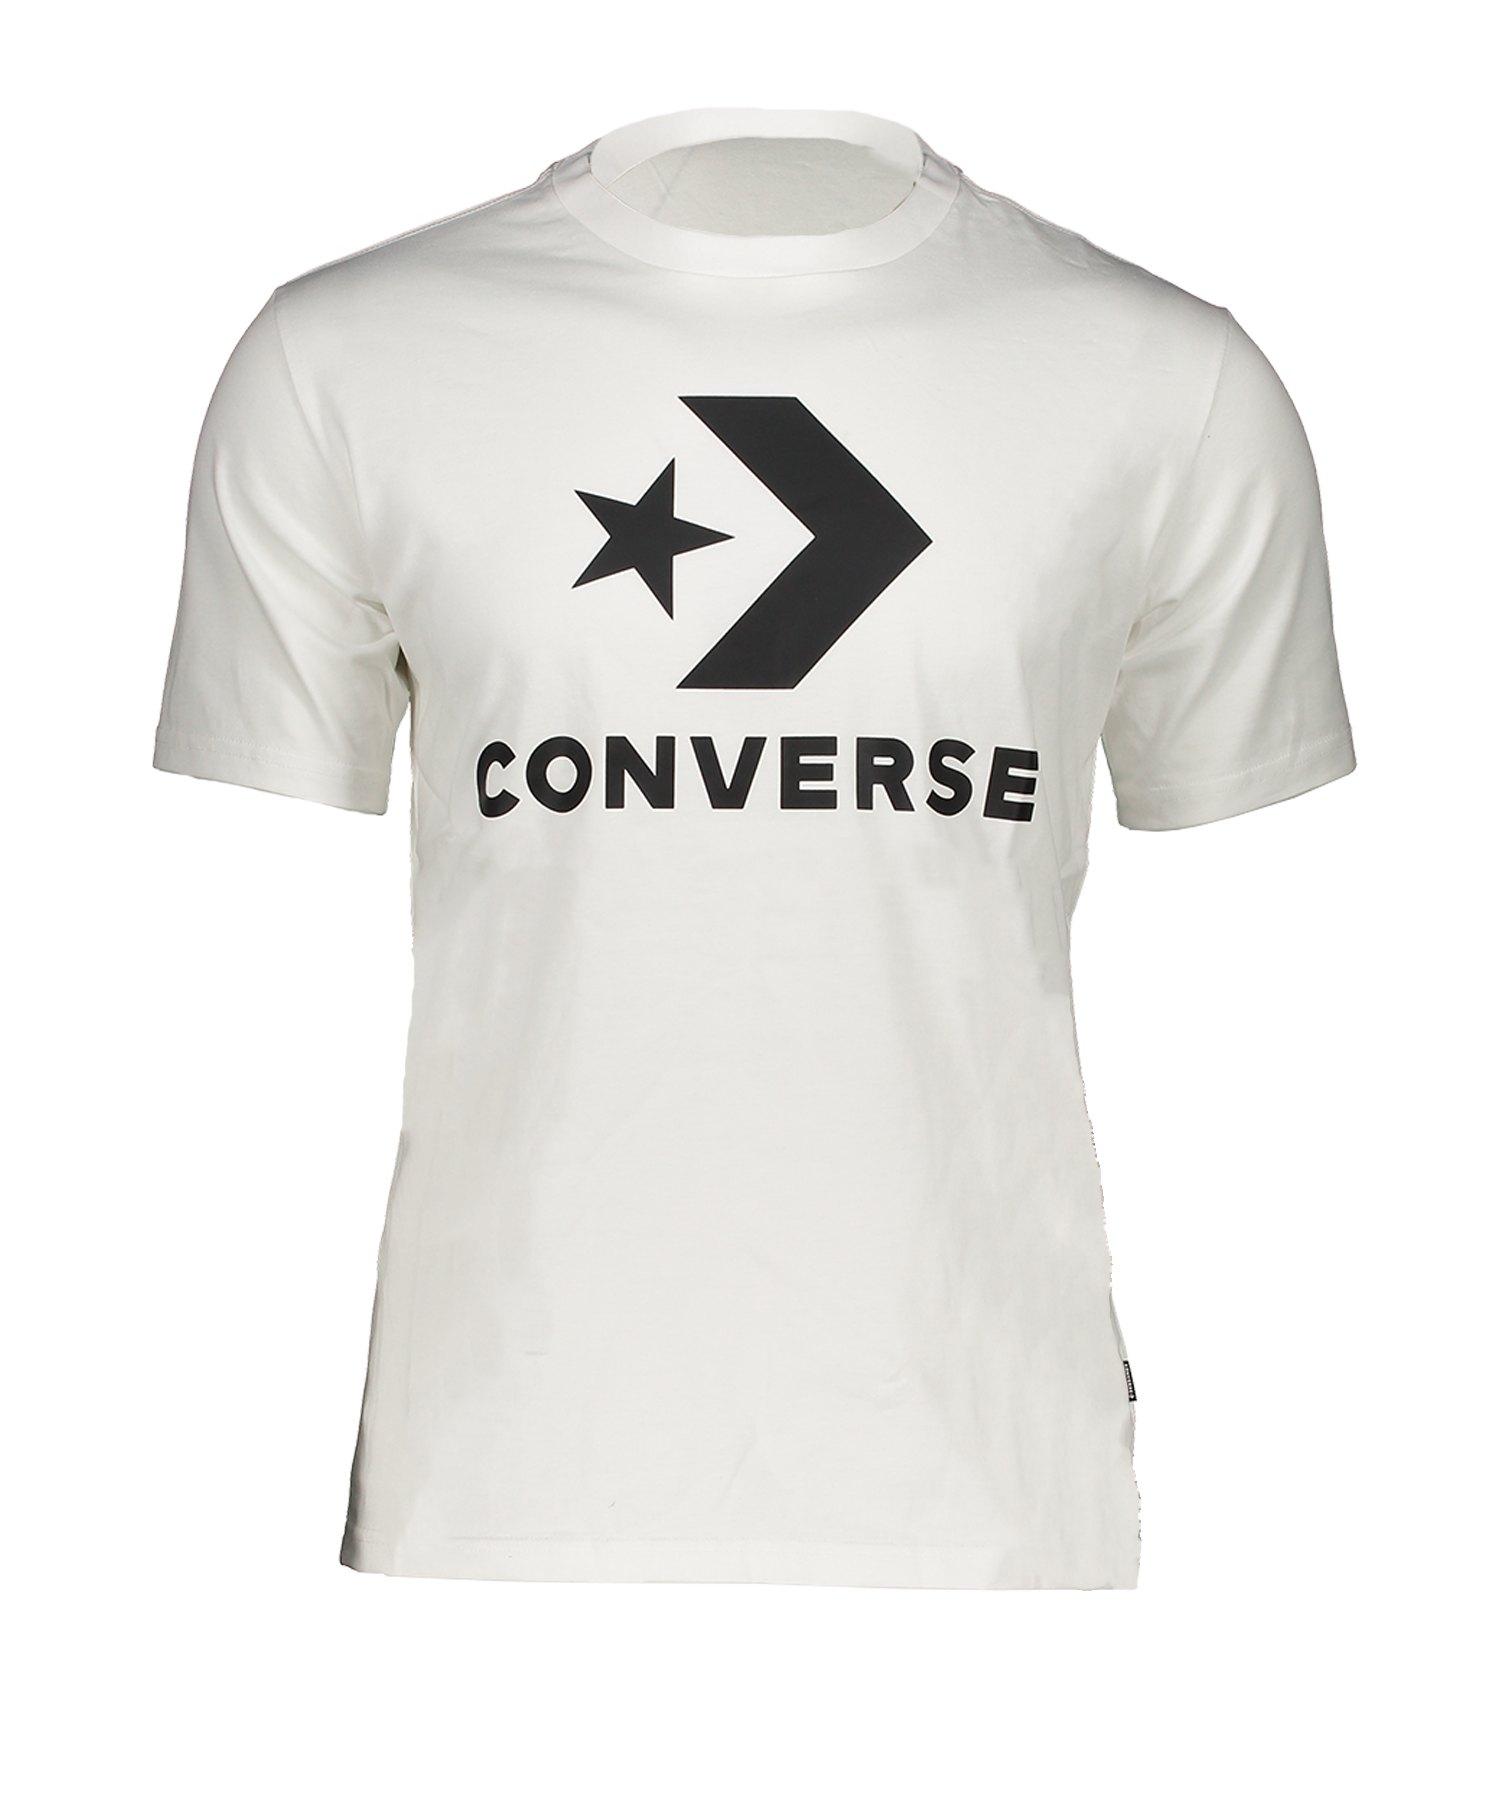 Converse Star Chevron T-Shirt Weiss F102 - weiss